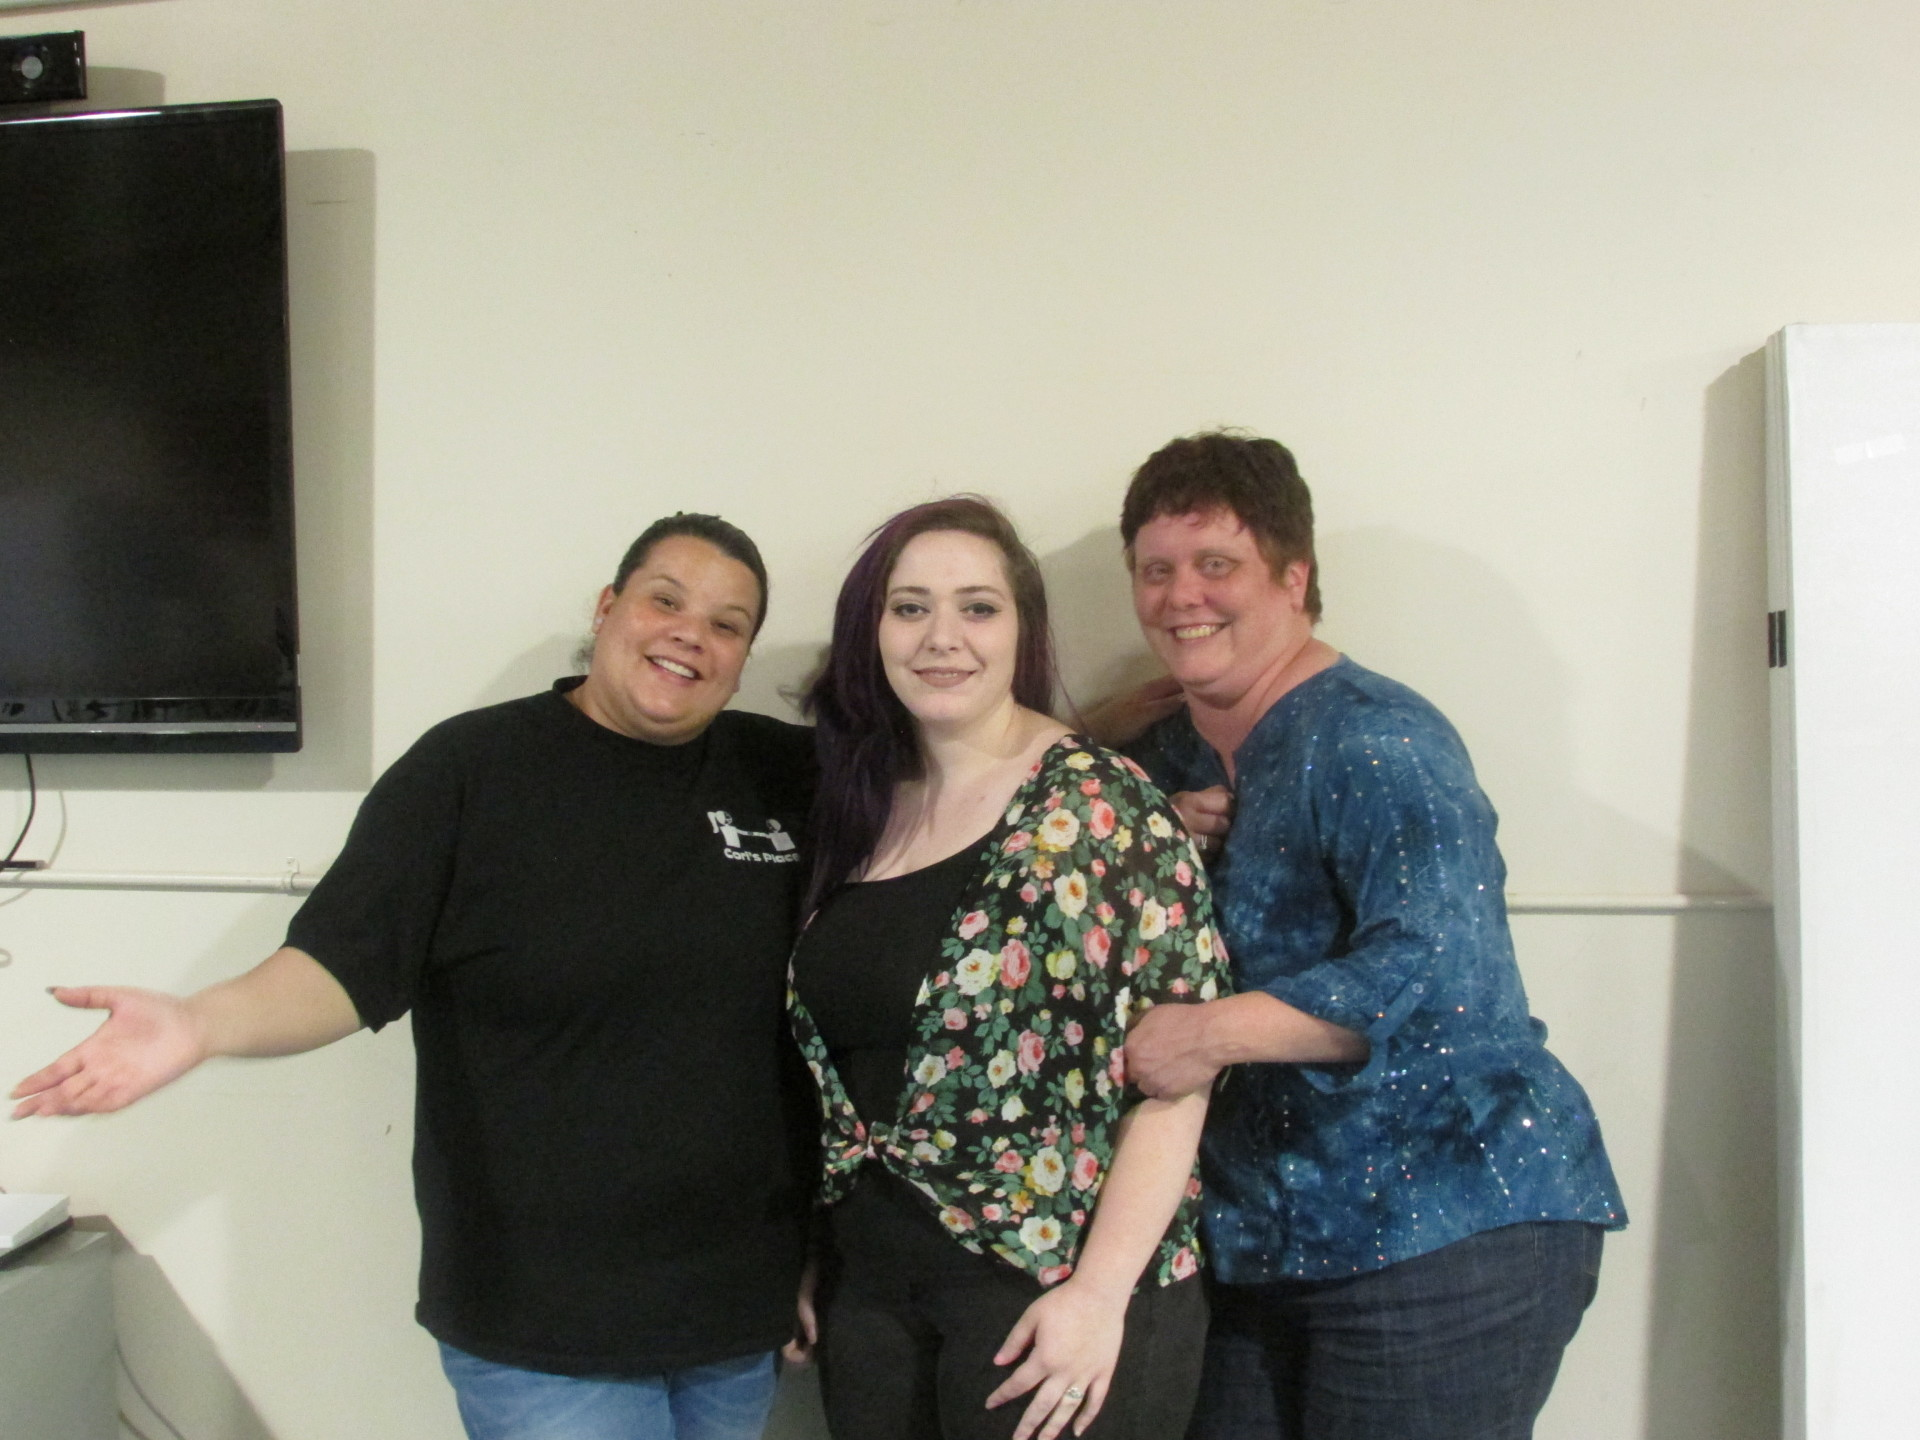 Victoria, Sara, & Erica